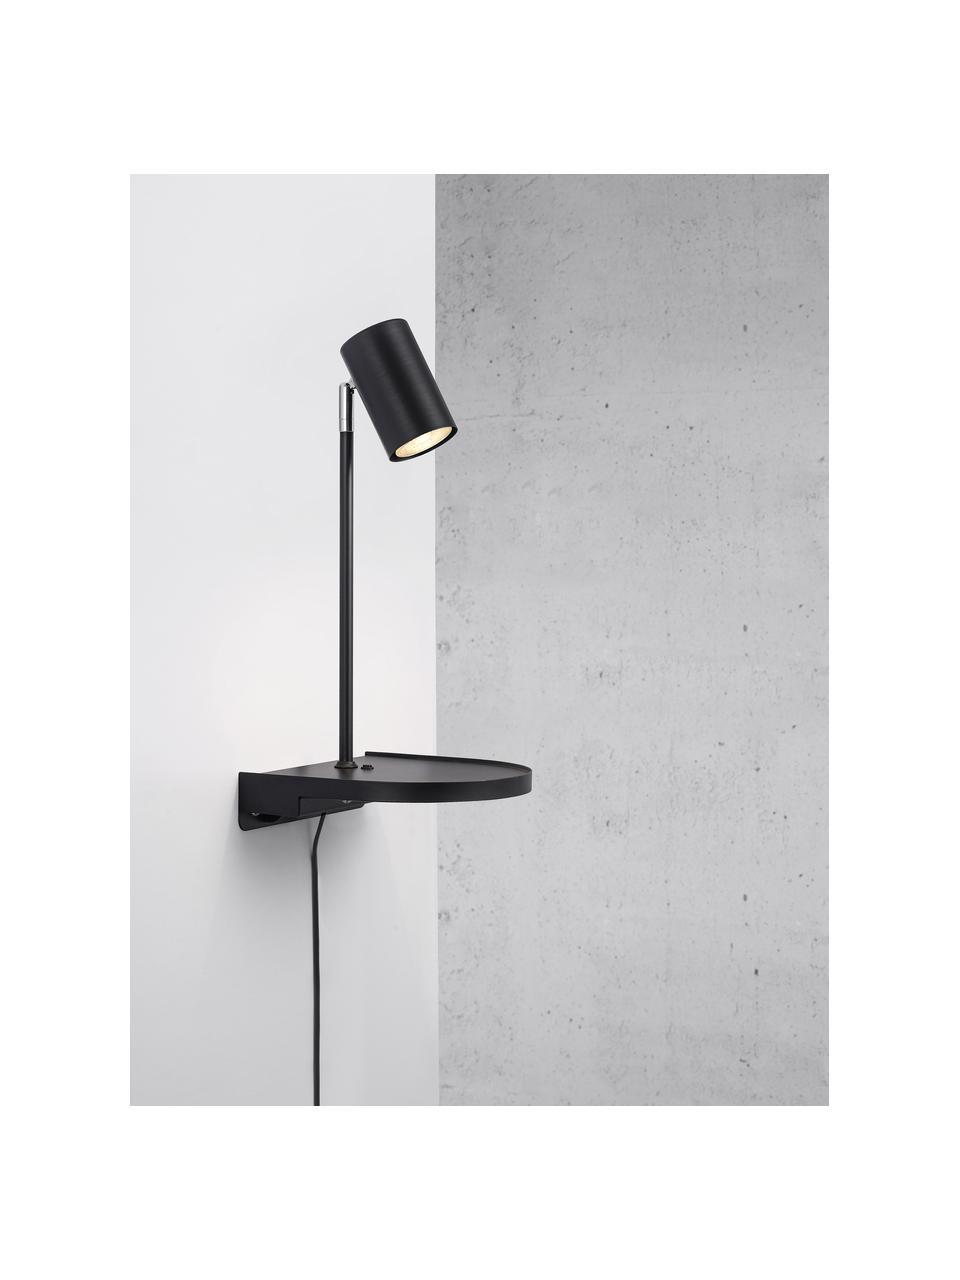 Moderne Wandleuchte Colly mit Stecker, Lampenschirm: Metall, beschichtet, Schwarz, 20 x 43 cm